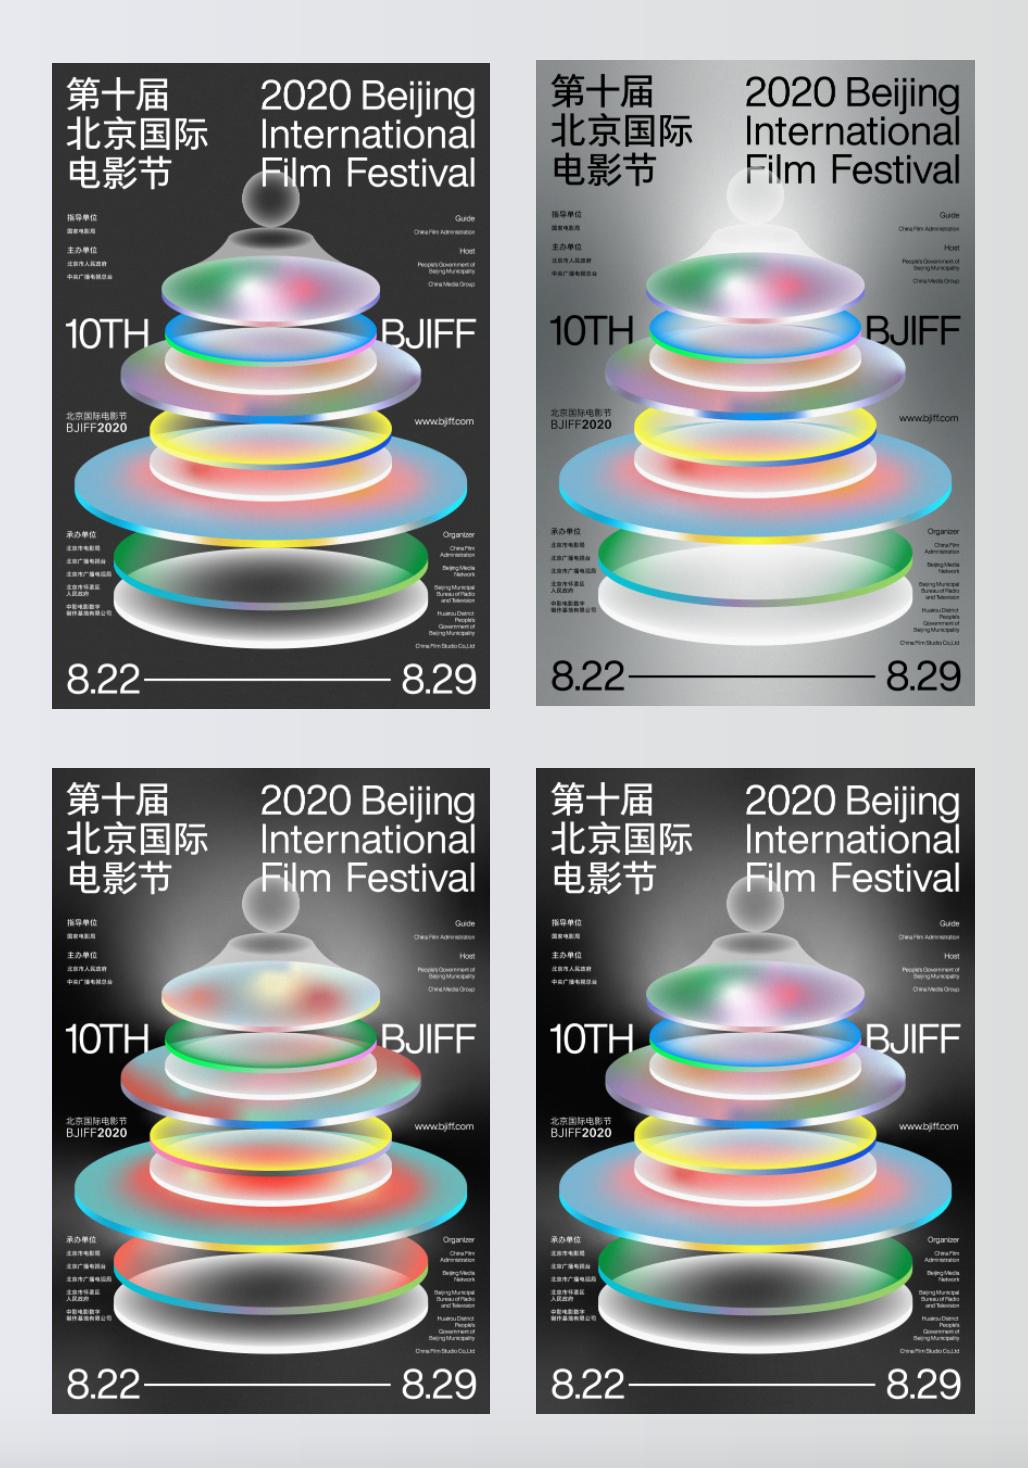 海报设计 · 曲高和寡的公共文化设计-上海野火创意